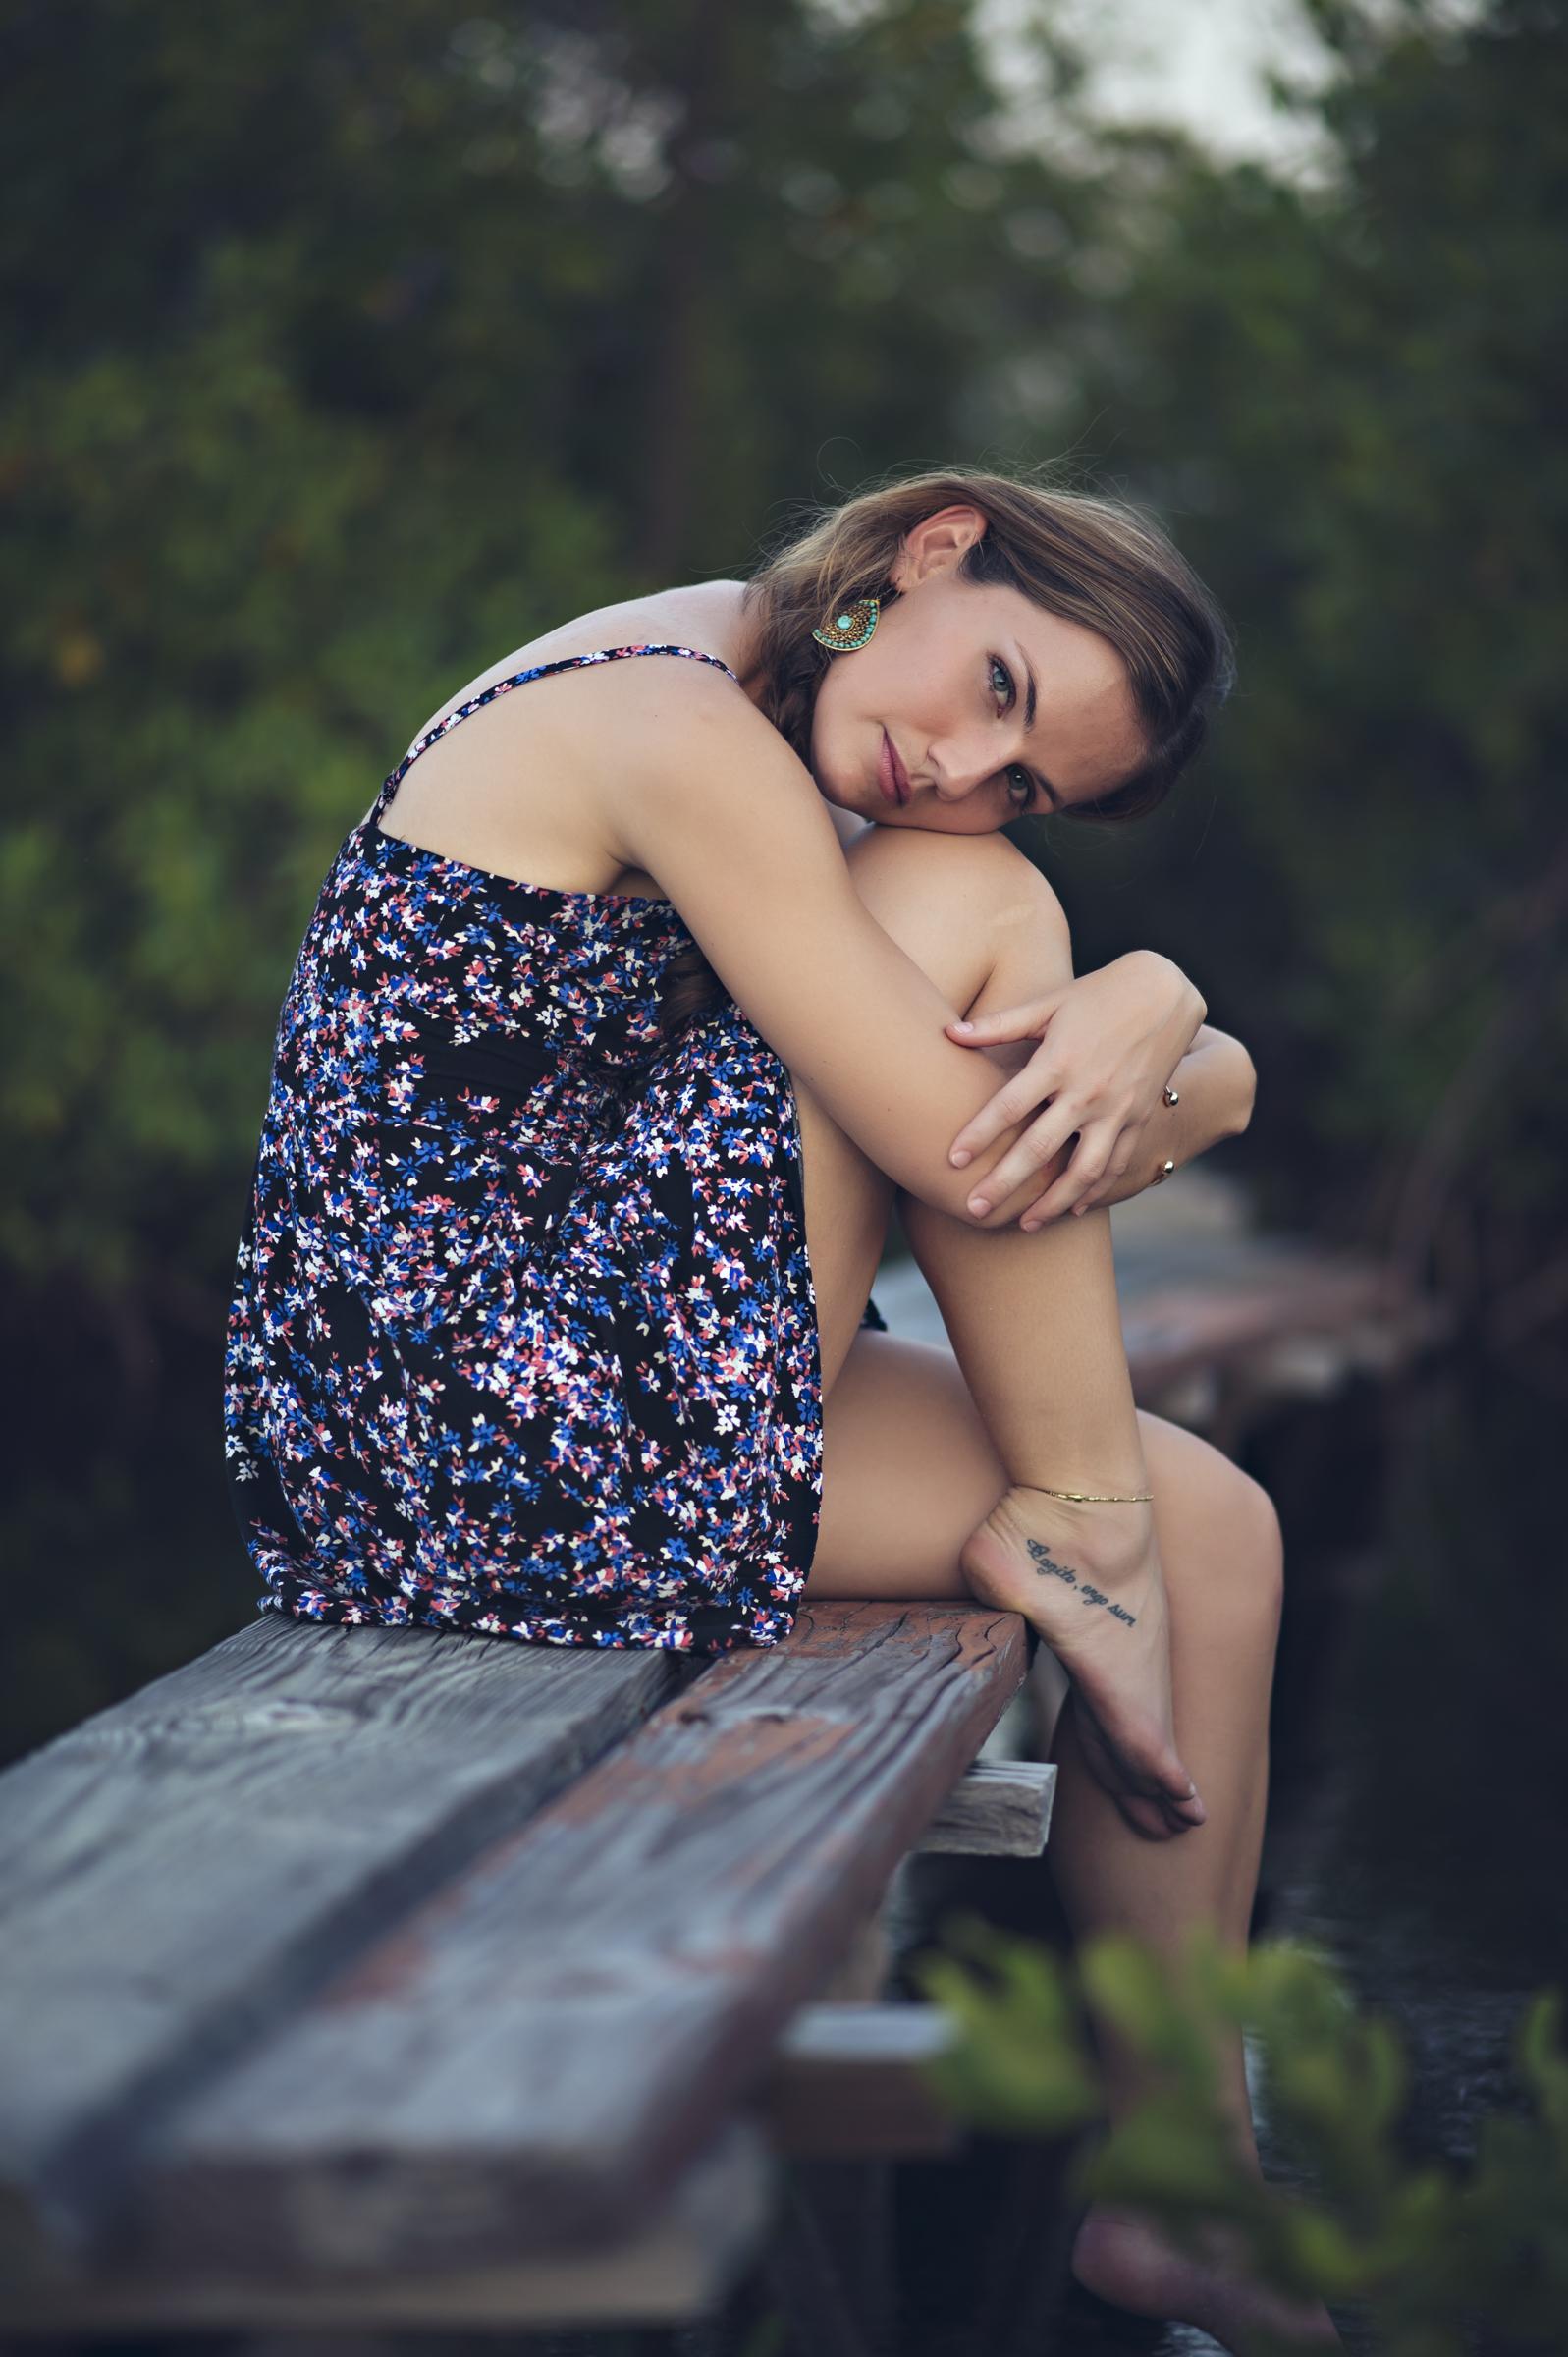 Fashion photographer Cayman #portrait #gorgeous